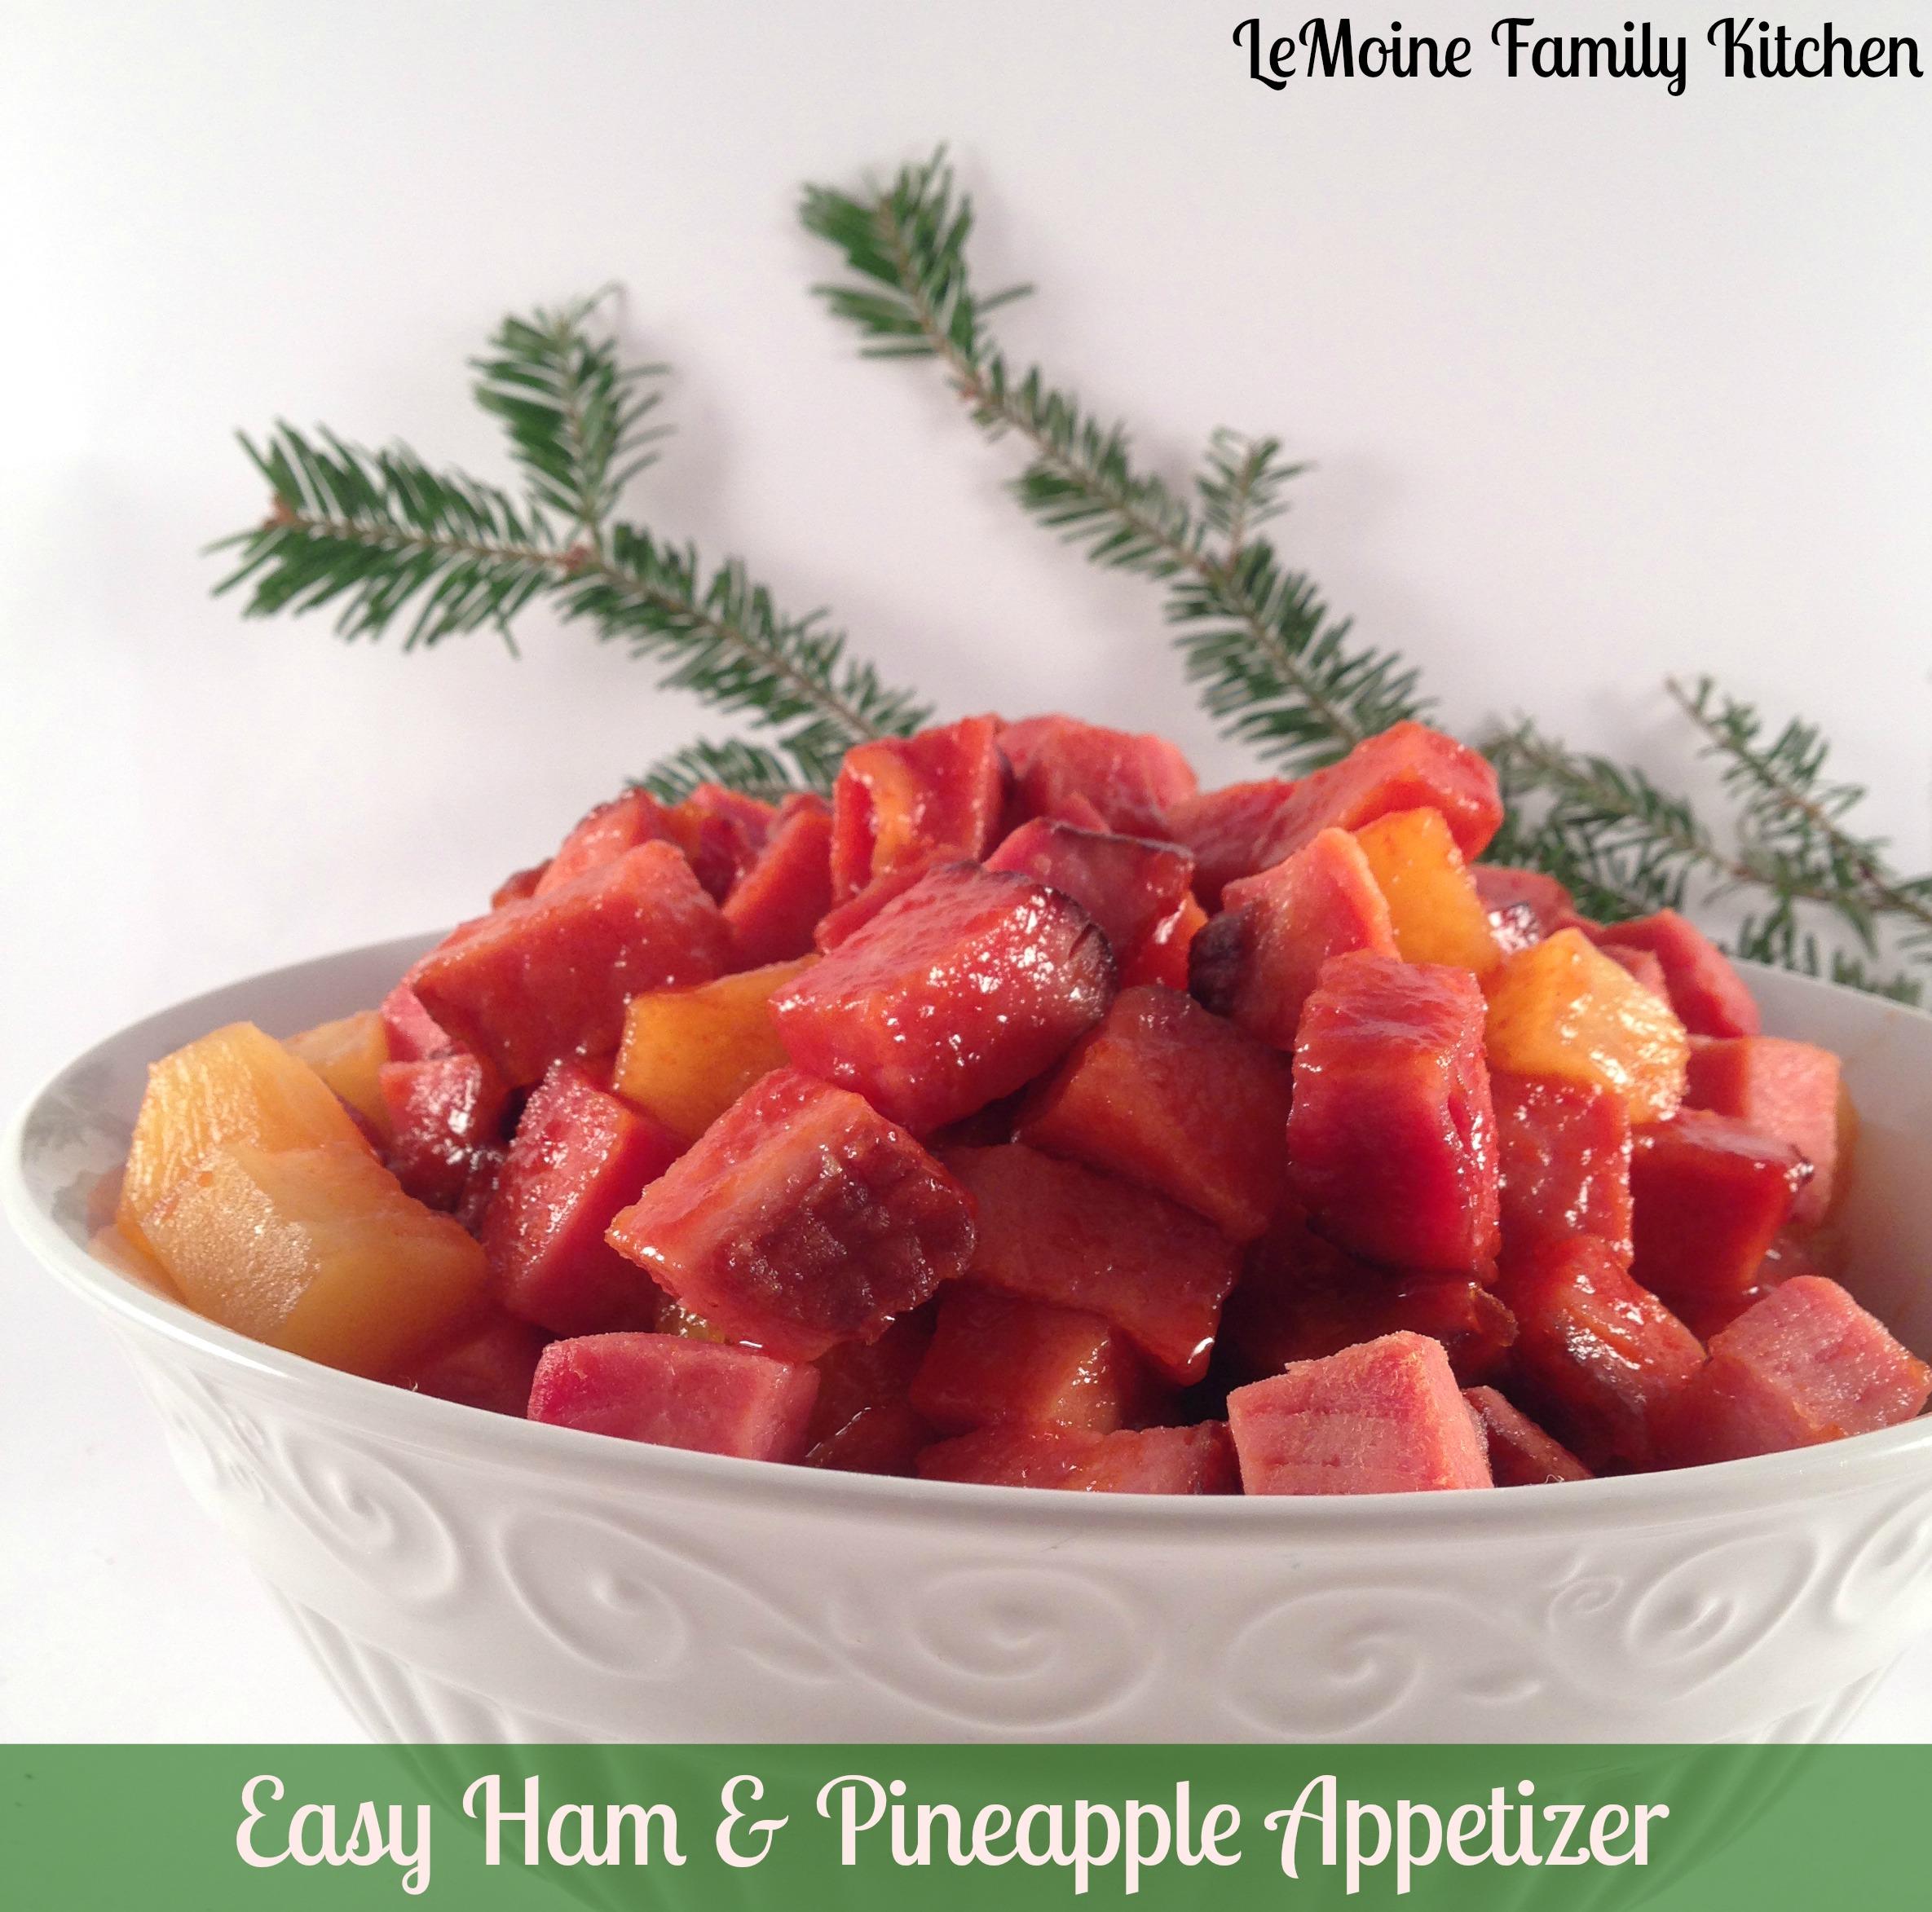 Easy Ham & Pineapple Appetizer